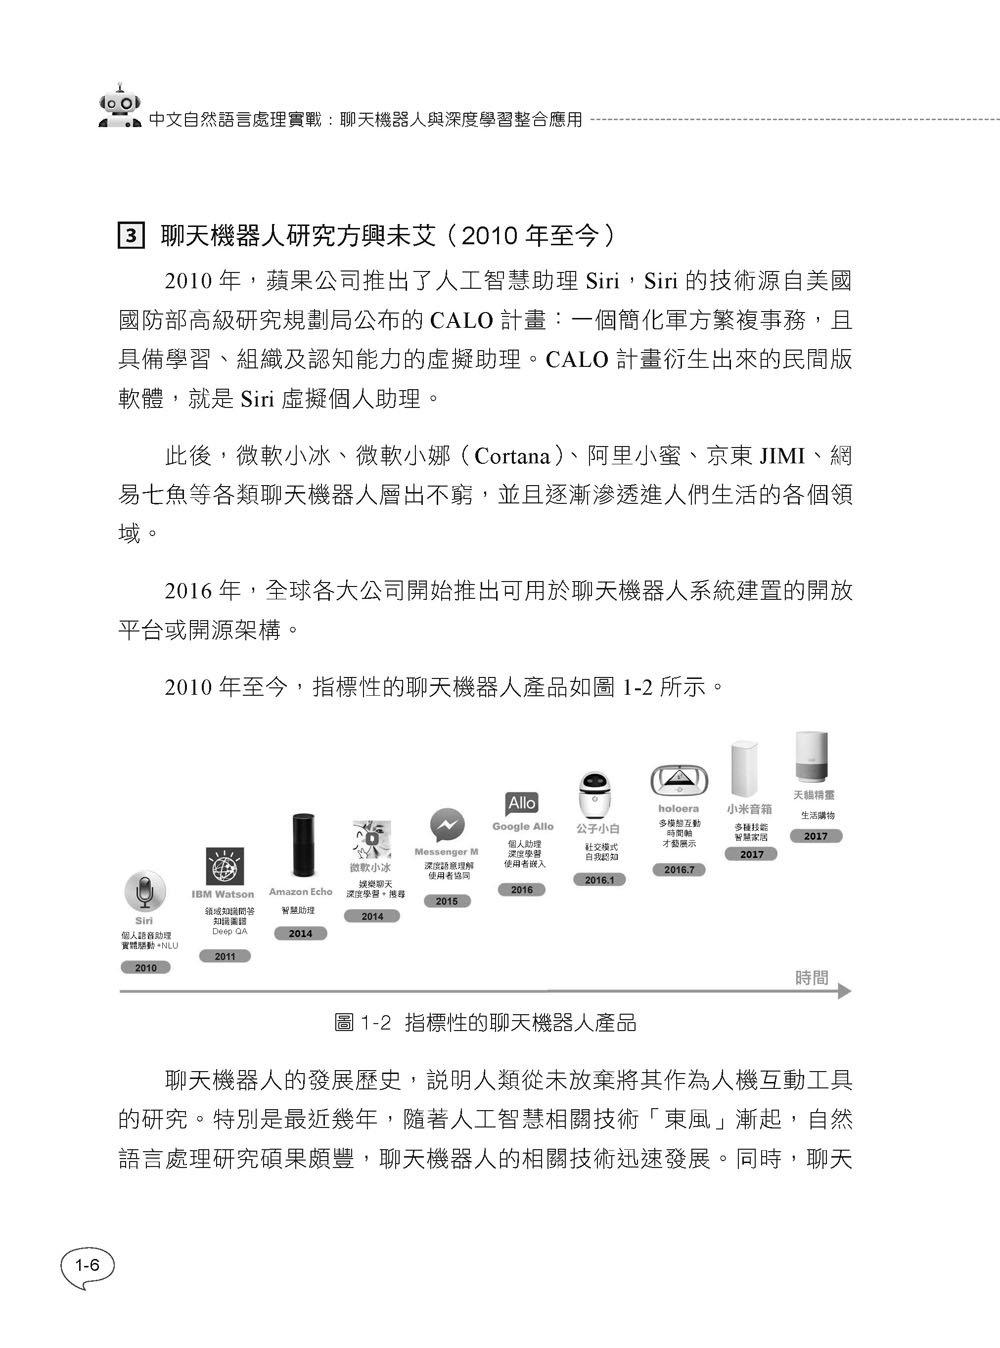 中文自然語言處理實戰:聊天機器人與深度學習整合應用-preview-1